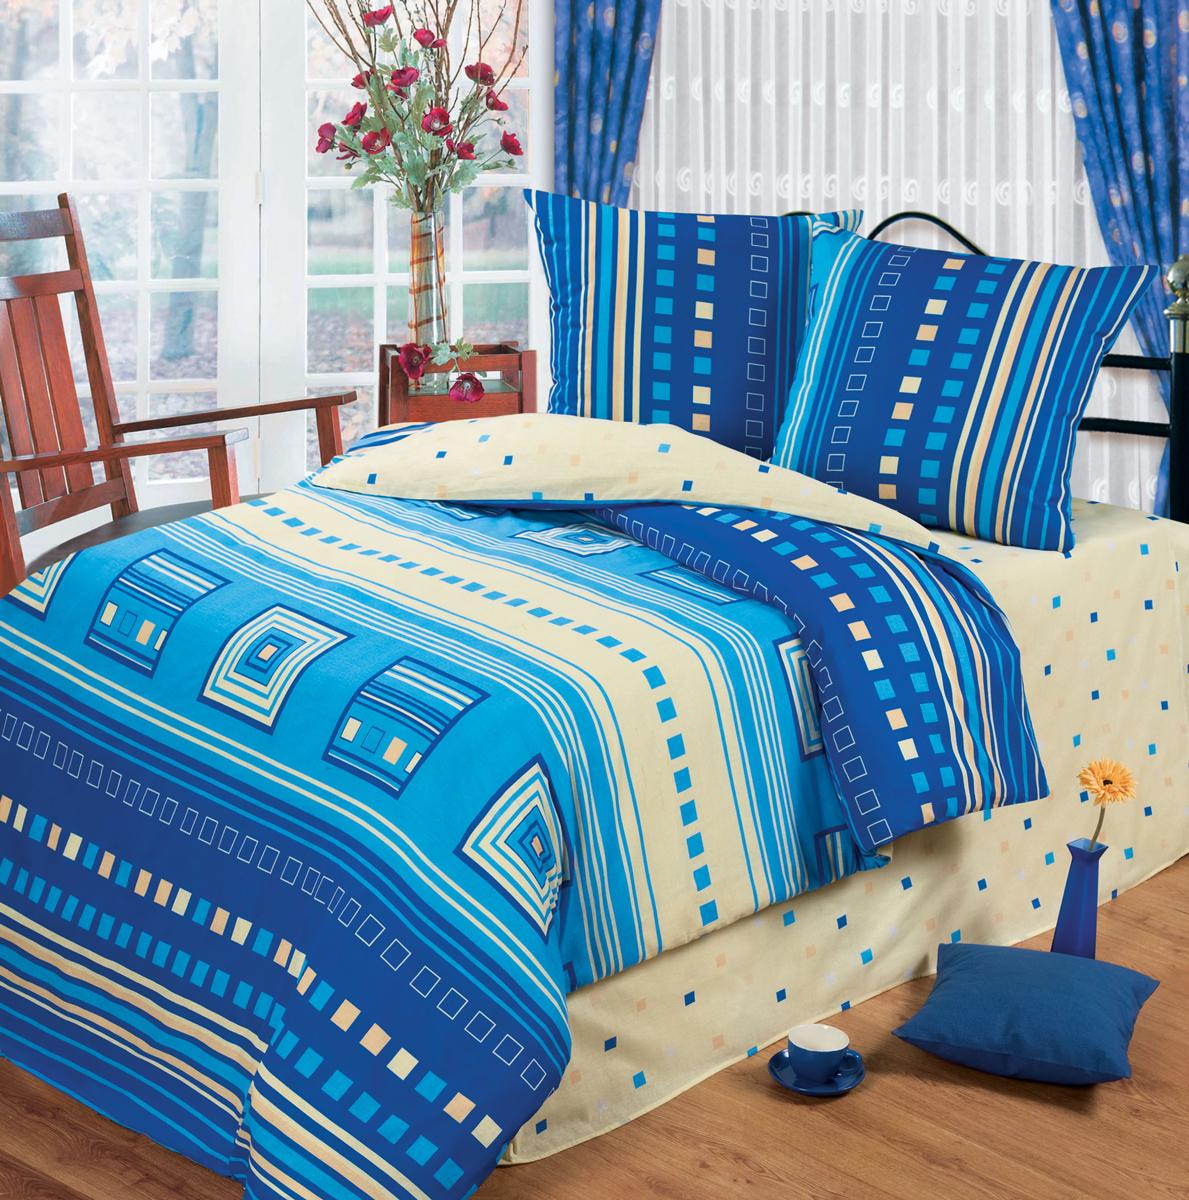 Комплект белья Любимый дом Квадро, 2-х спальное, наволочки 70 х 70, цвет: голубой. 333657333657Постельное белье торговой марки «Любимый дом» - это идеальное сочетание доступной цены и высокого качества продукции. Серия «Любимый дом 3D» выполнена в технике объемного трехмерного изображения: объемные рисунки очень яркие, насыщенные и реалистичные. Коллекция выполнена из традиционной отечественной бязи с высоким показателем износостойкости: такое постельное белье очень прочное и долговечное, не деформируется при стирках и прослужит долгие годы.